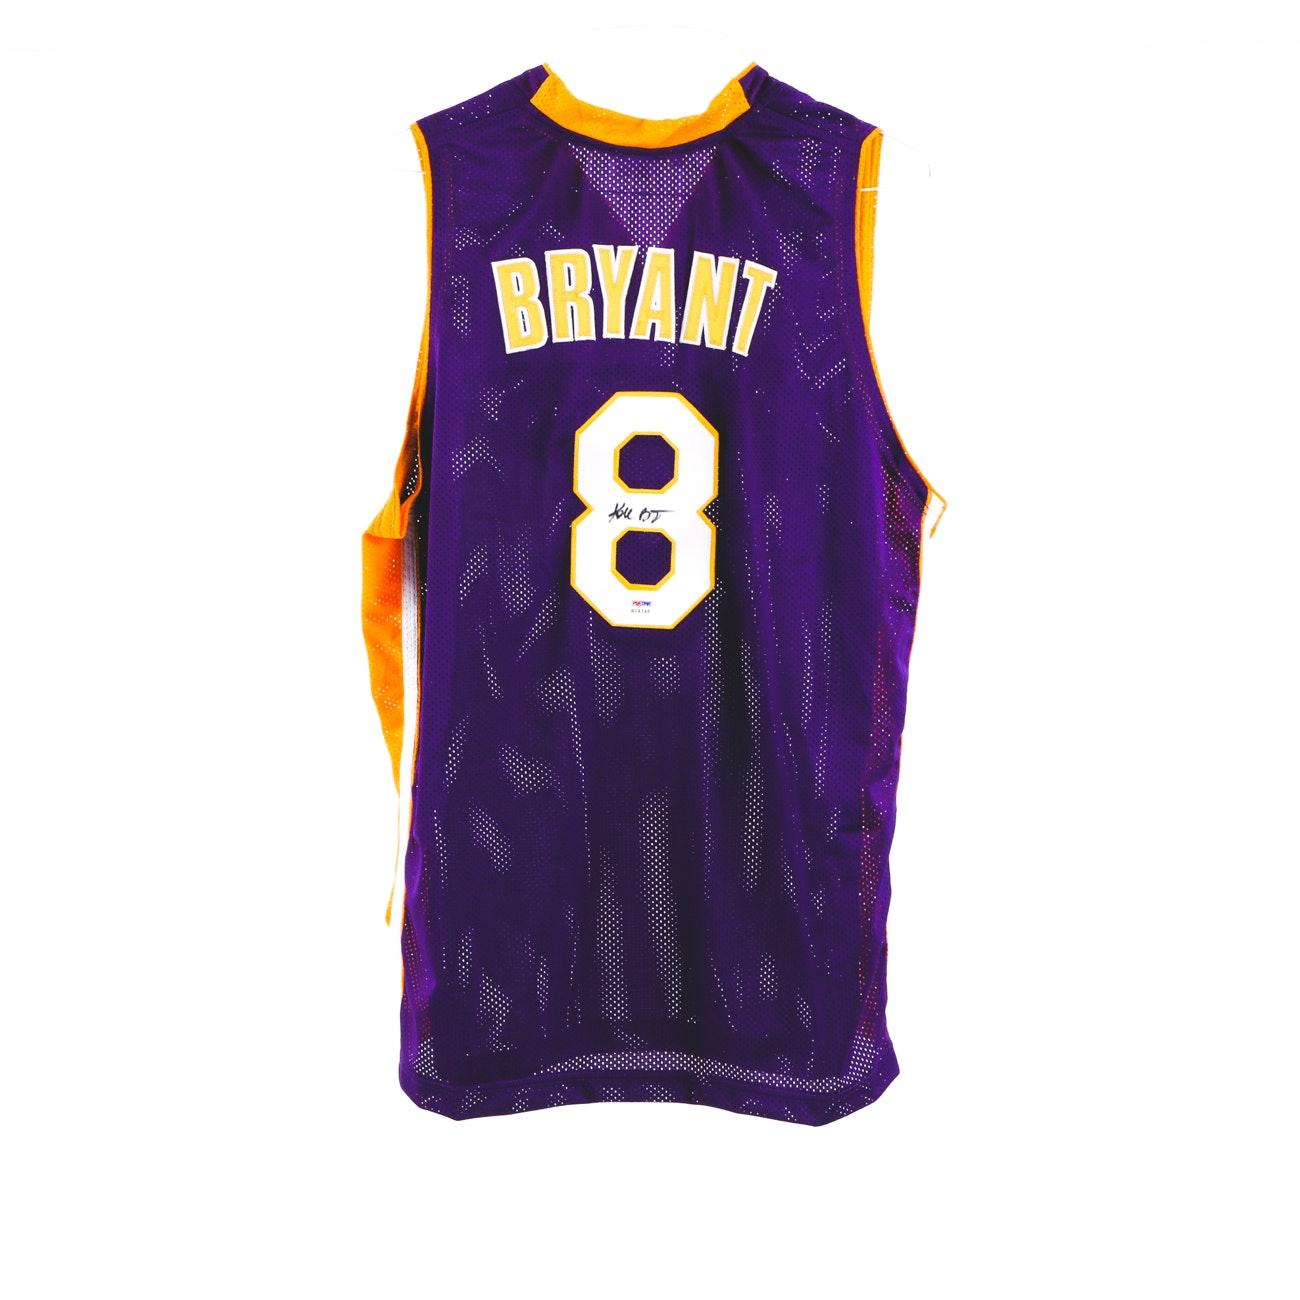 Kobe Bryant Signed Jersey  COA